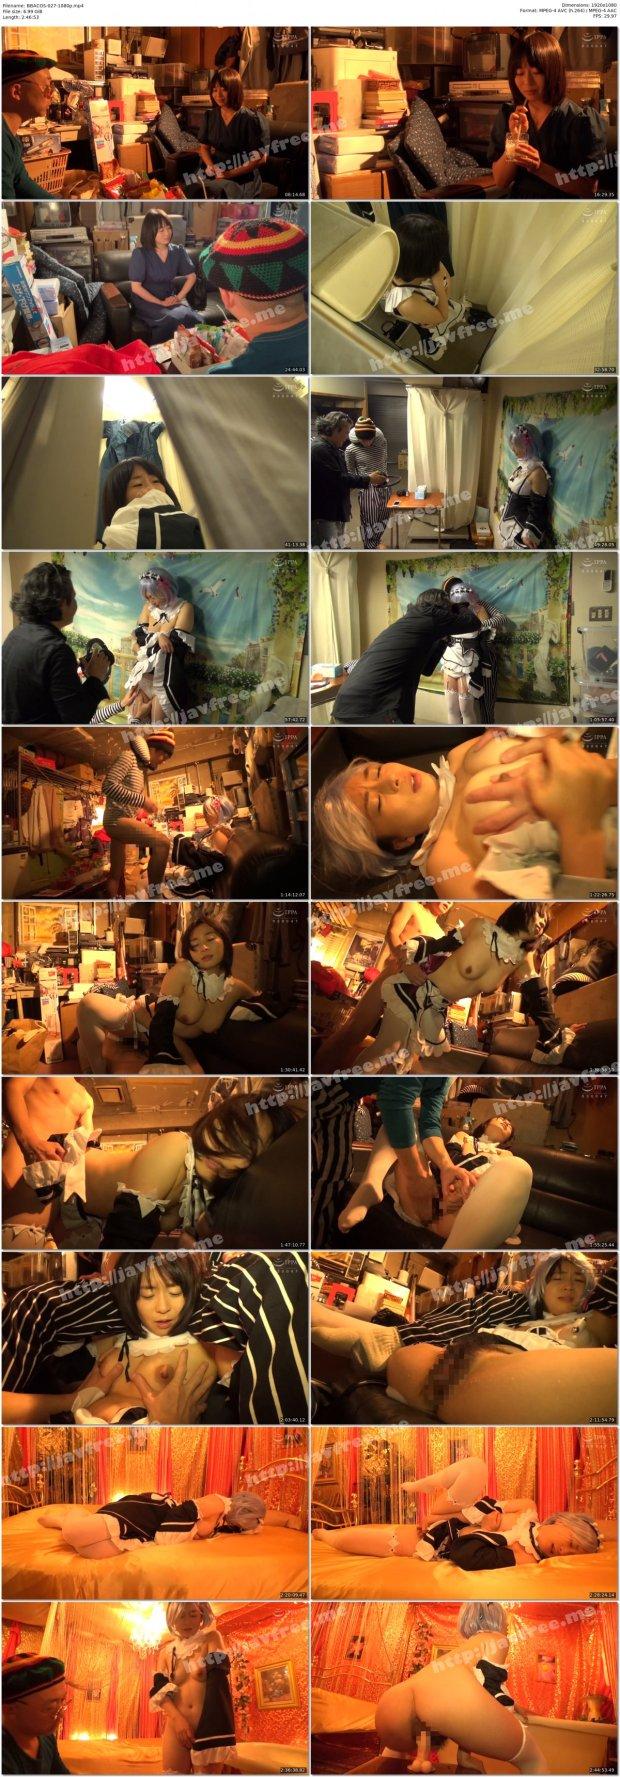 [HD][BBACOS-027] (羞恥)ババコス!(BBA)いい歳をした主婦にRe:ゼ●妹レ●のコスプレさせて辱めてみた件(中田氏) 前編 羽田希奥様 35歳